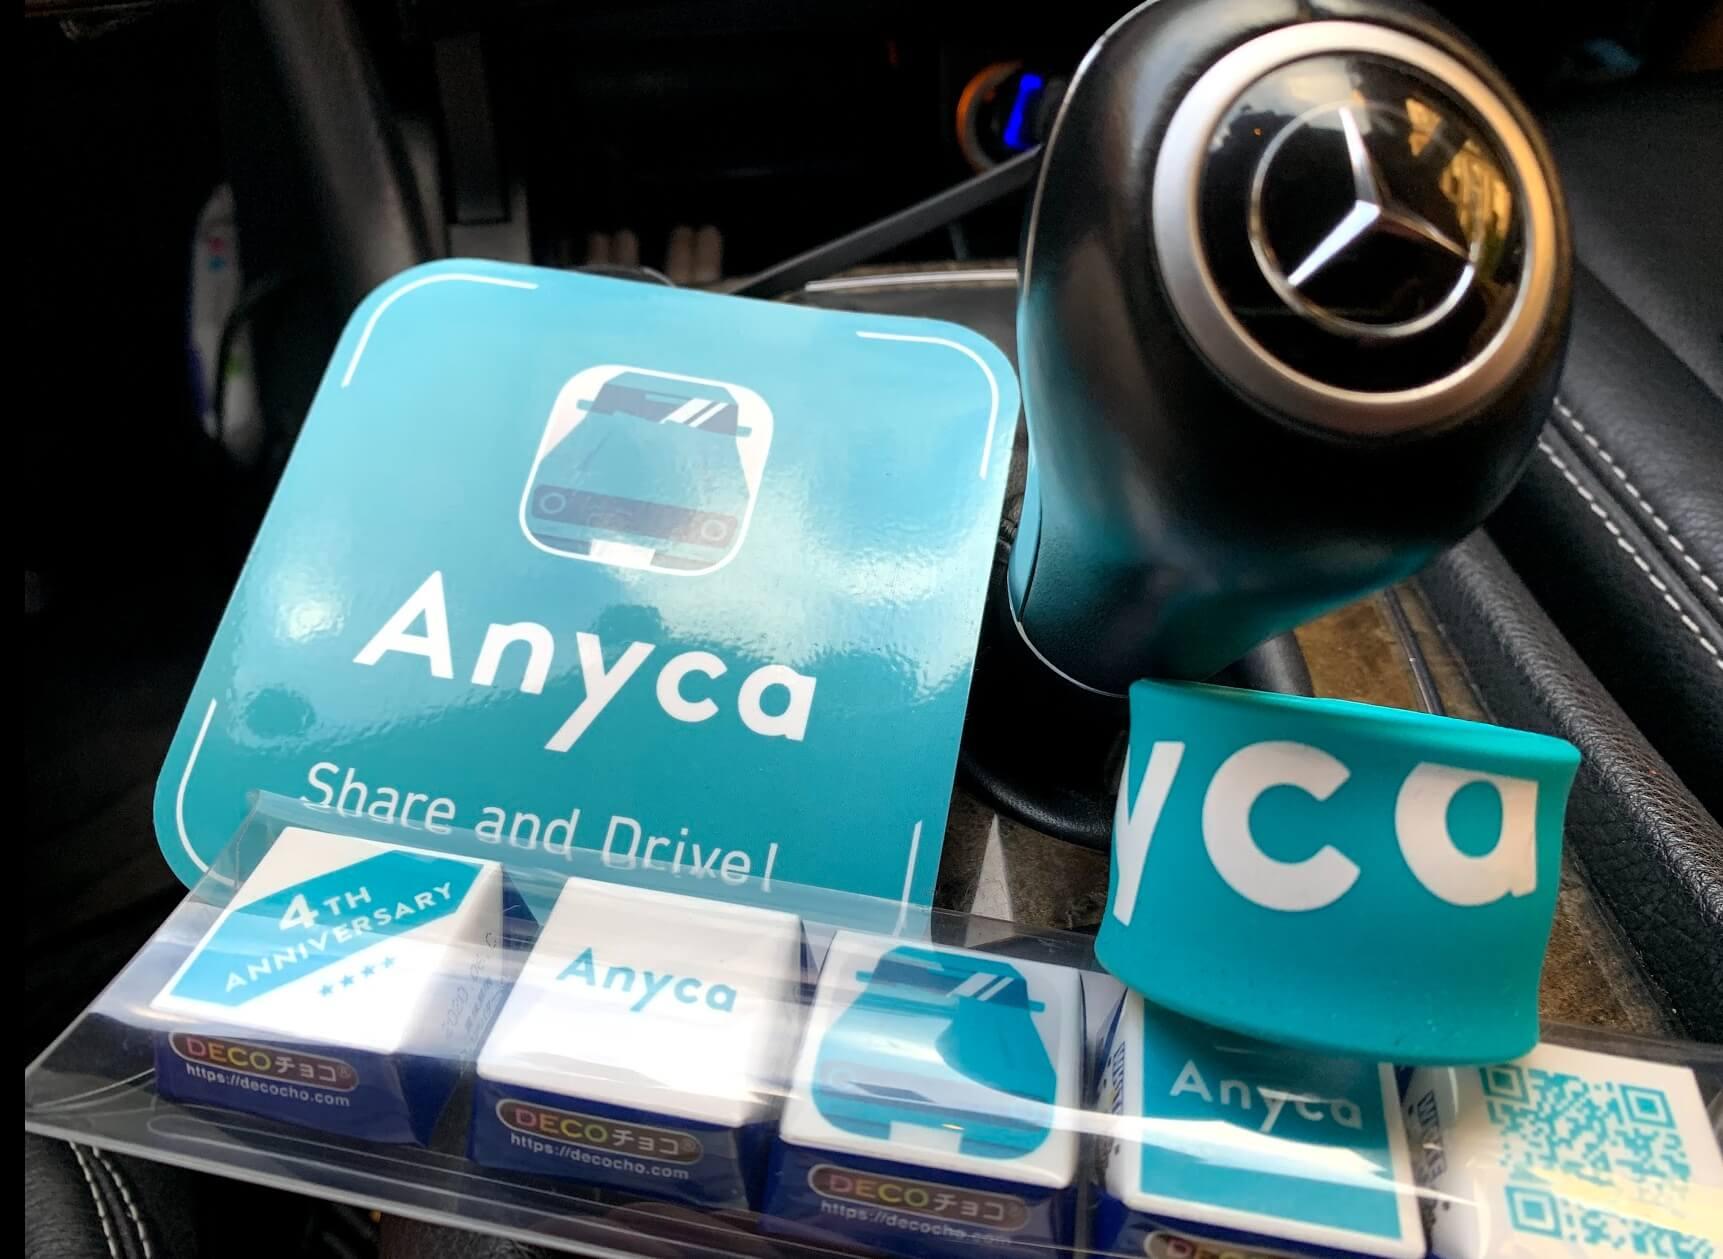 あなたの車の第一号anycaシェアドライバーになり、レビューしブログで宣伝します。